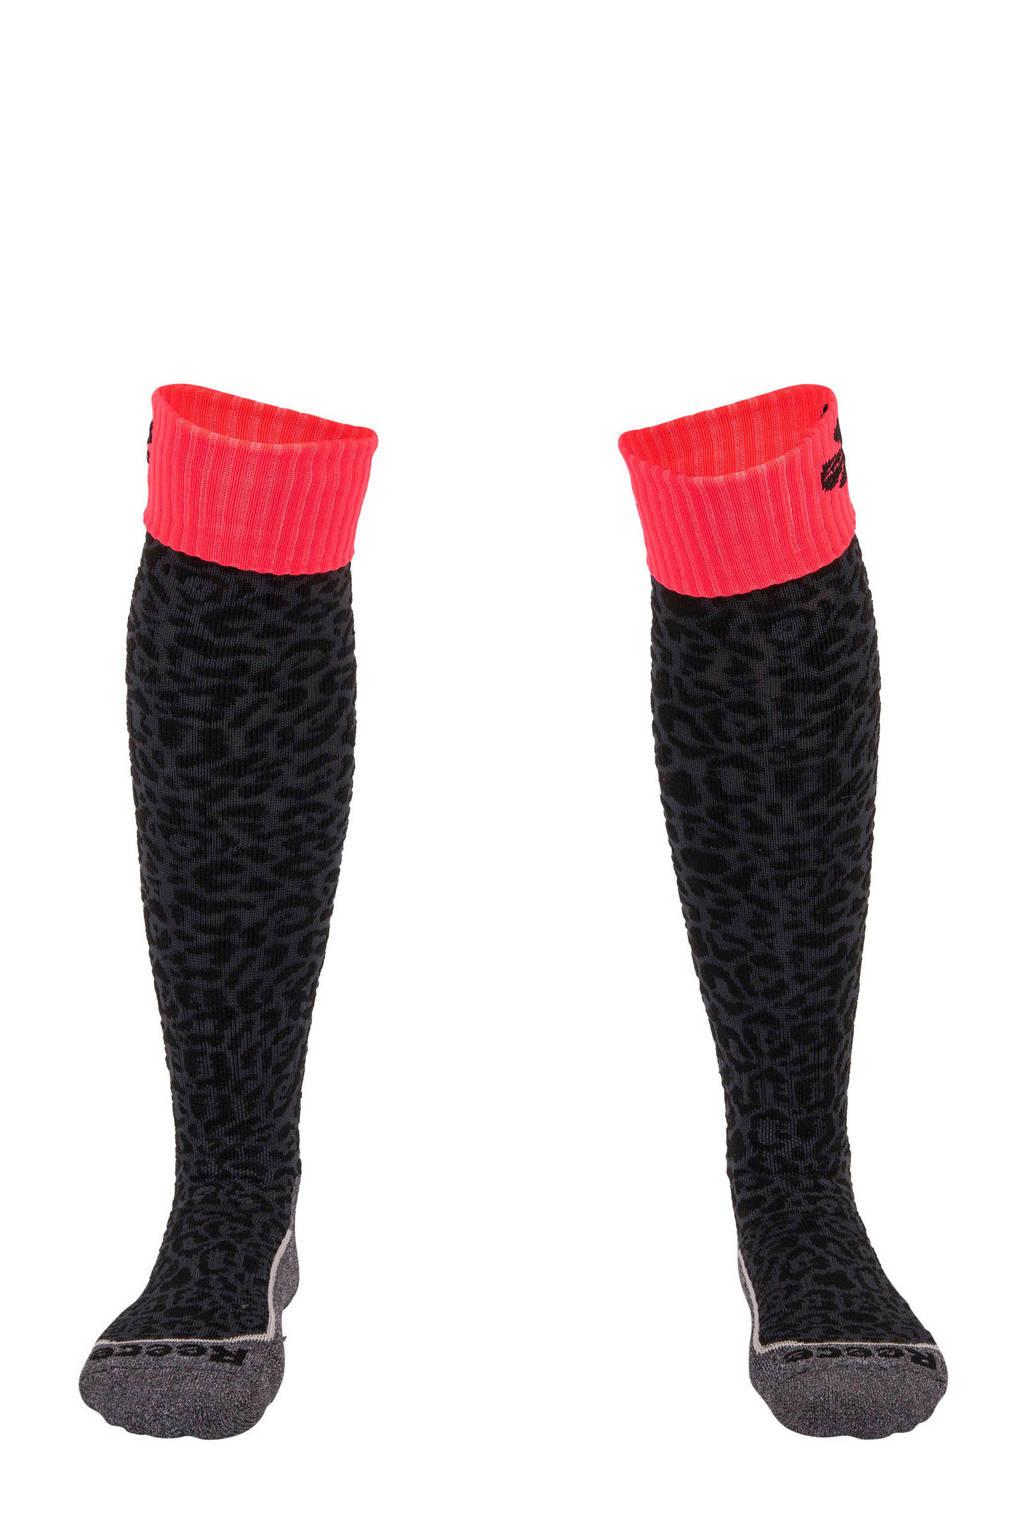 Reece Australia   sportsokken Ashford zwart, Zwart/roze